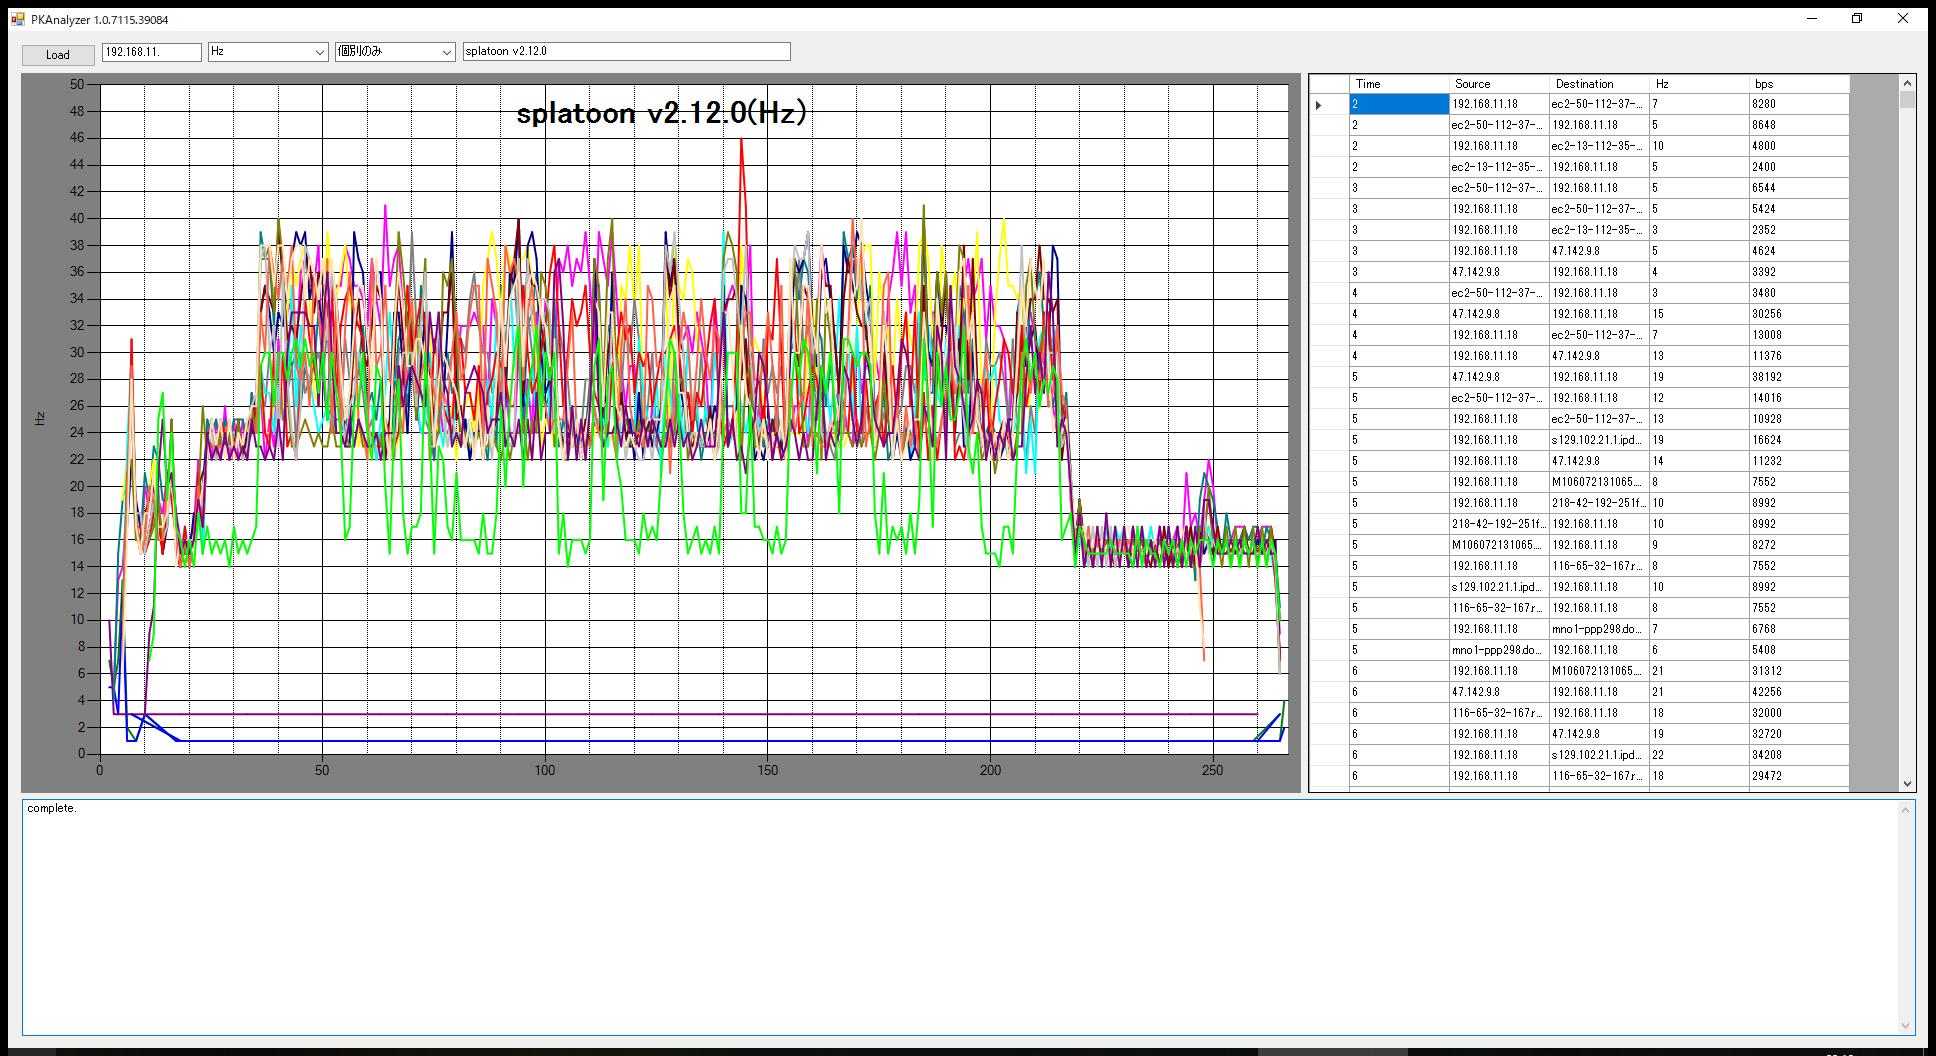 ゲームの必要通信速度、アップデートレート(Hz)を検証しよう